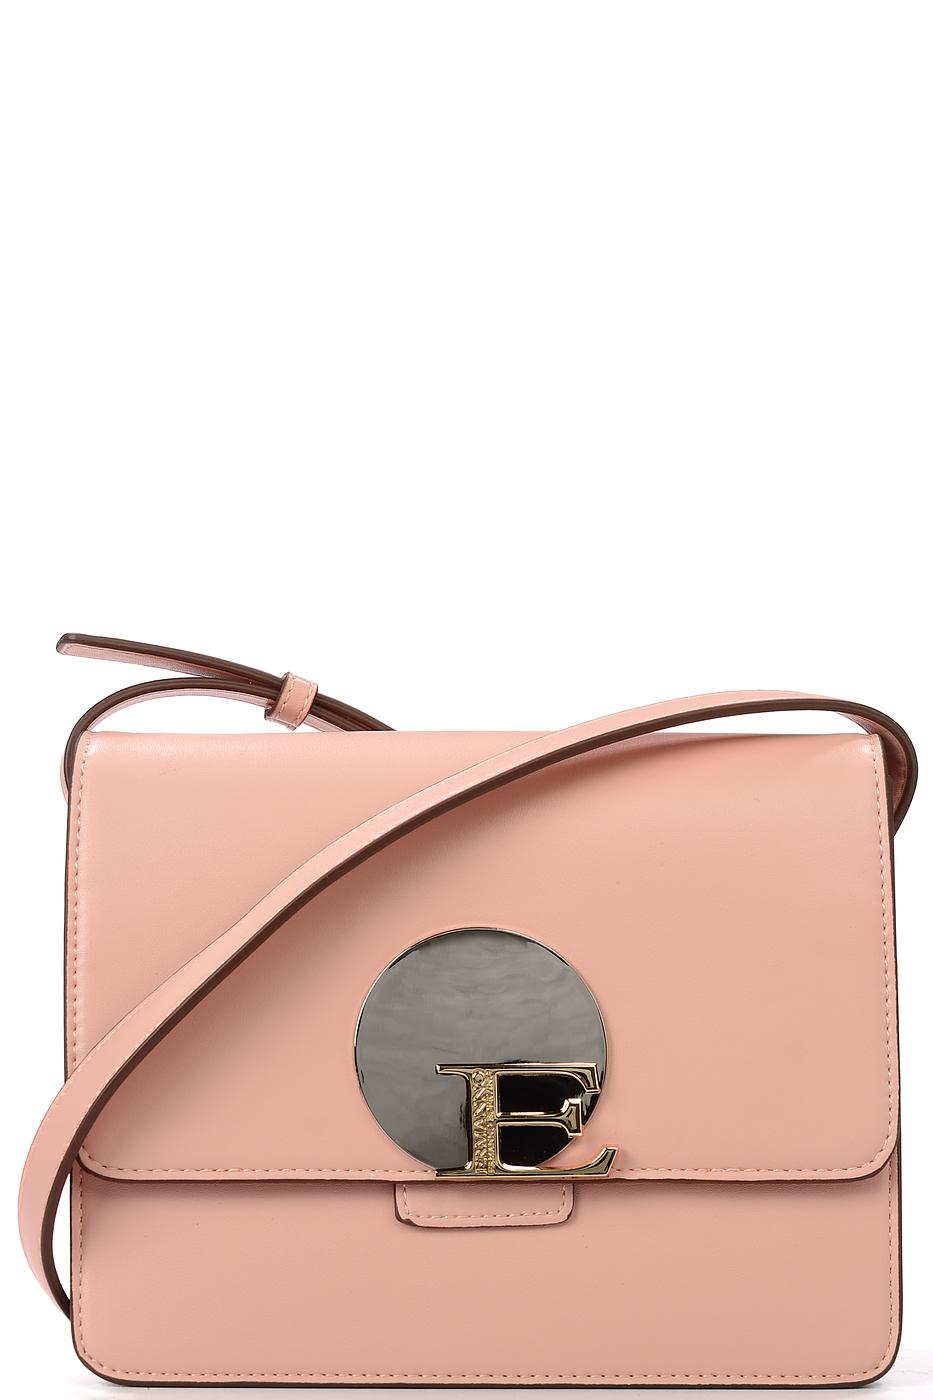 Сумка-клатч женская Ermanno Scervino ESC12400965 розовая